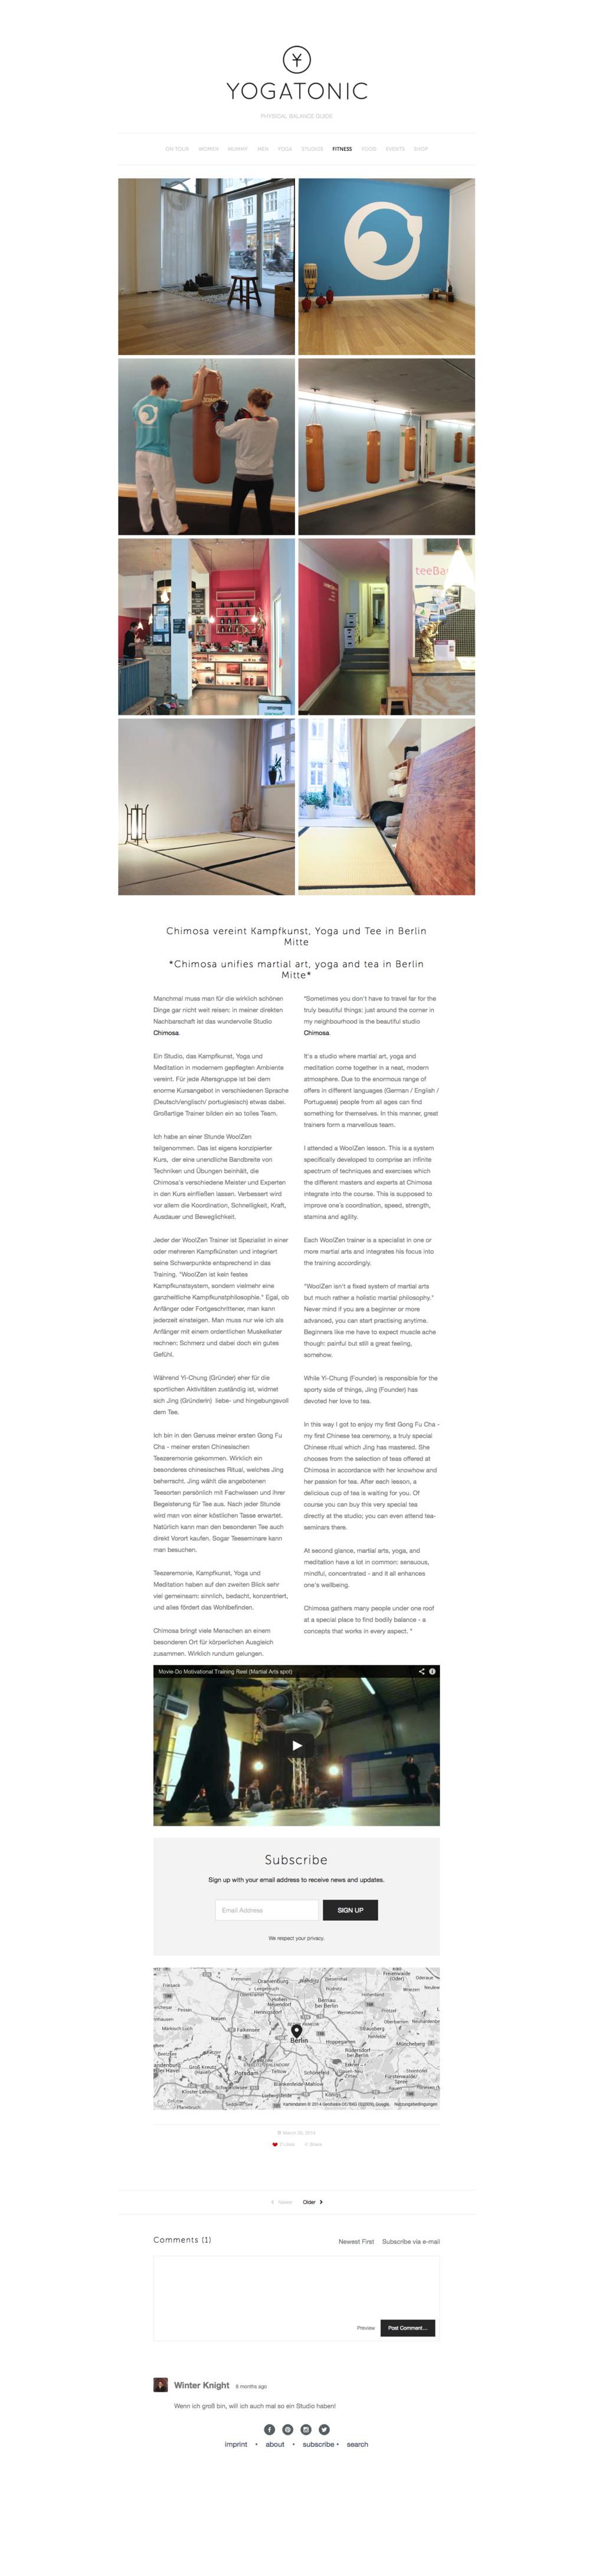 CHIMOSA_Yogatonic_Online_Clipping_30032014.jpeg